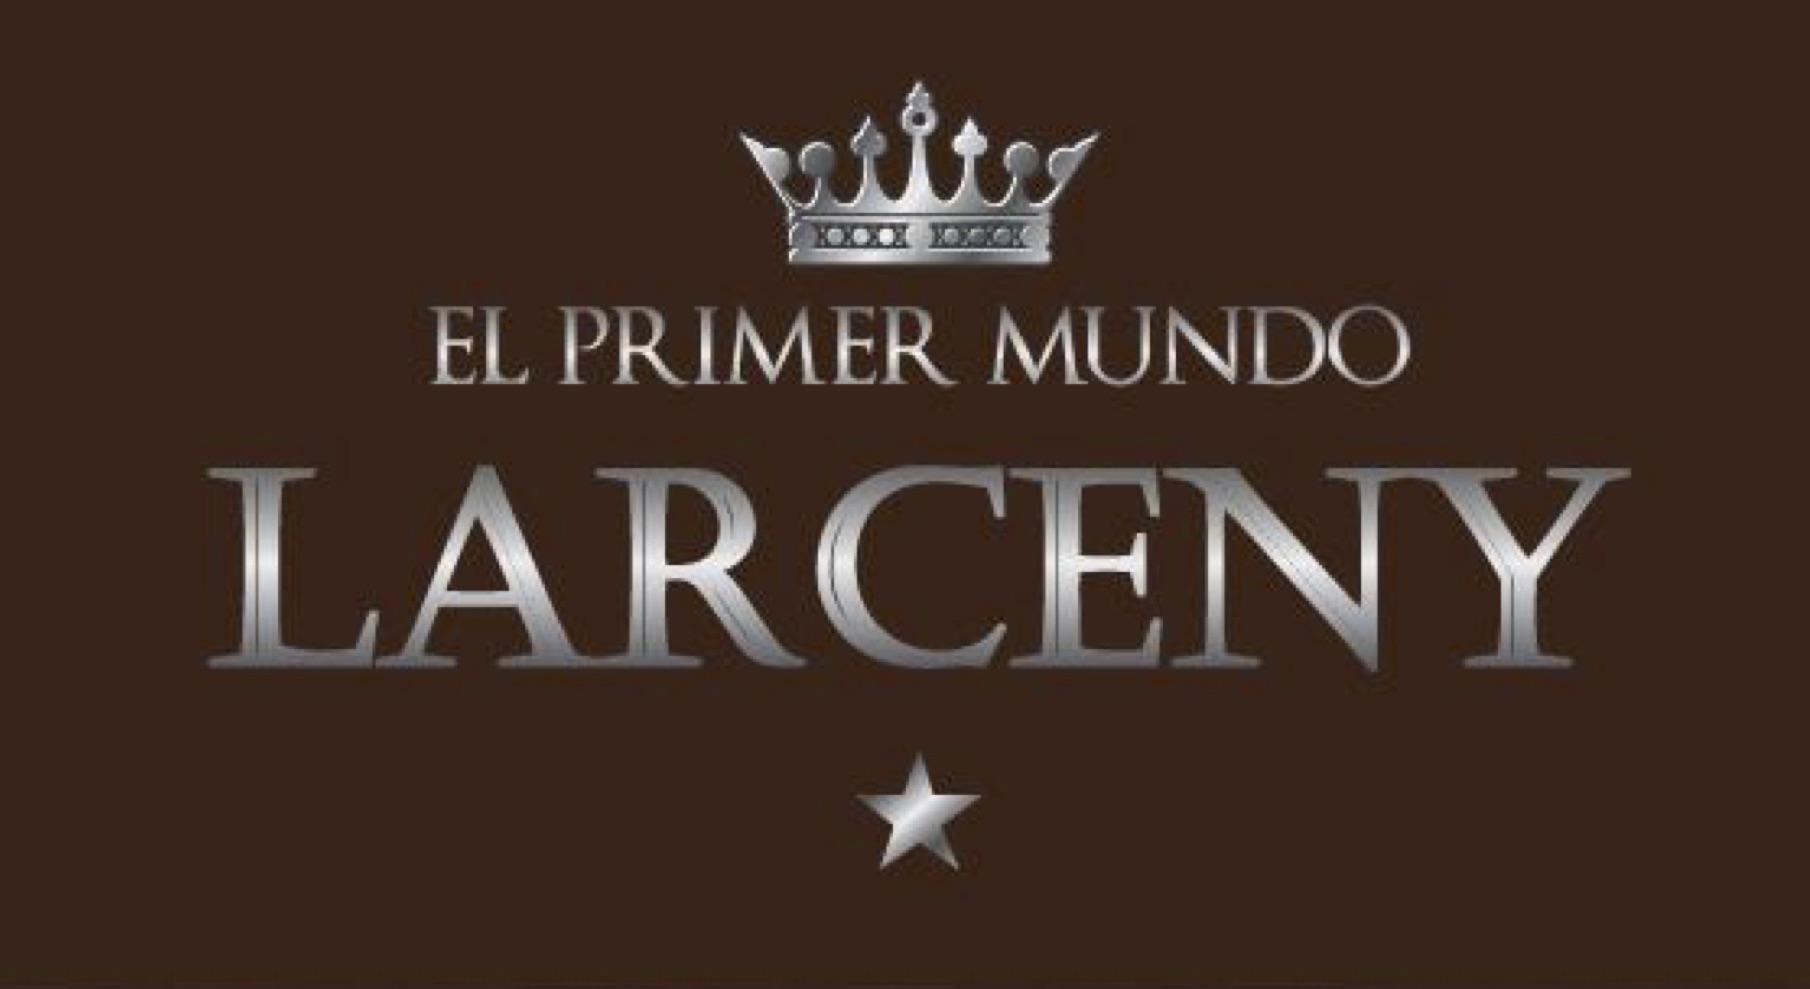 Cigar News: El Primer Mundo Larceny Gets Reboot